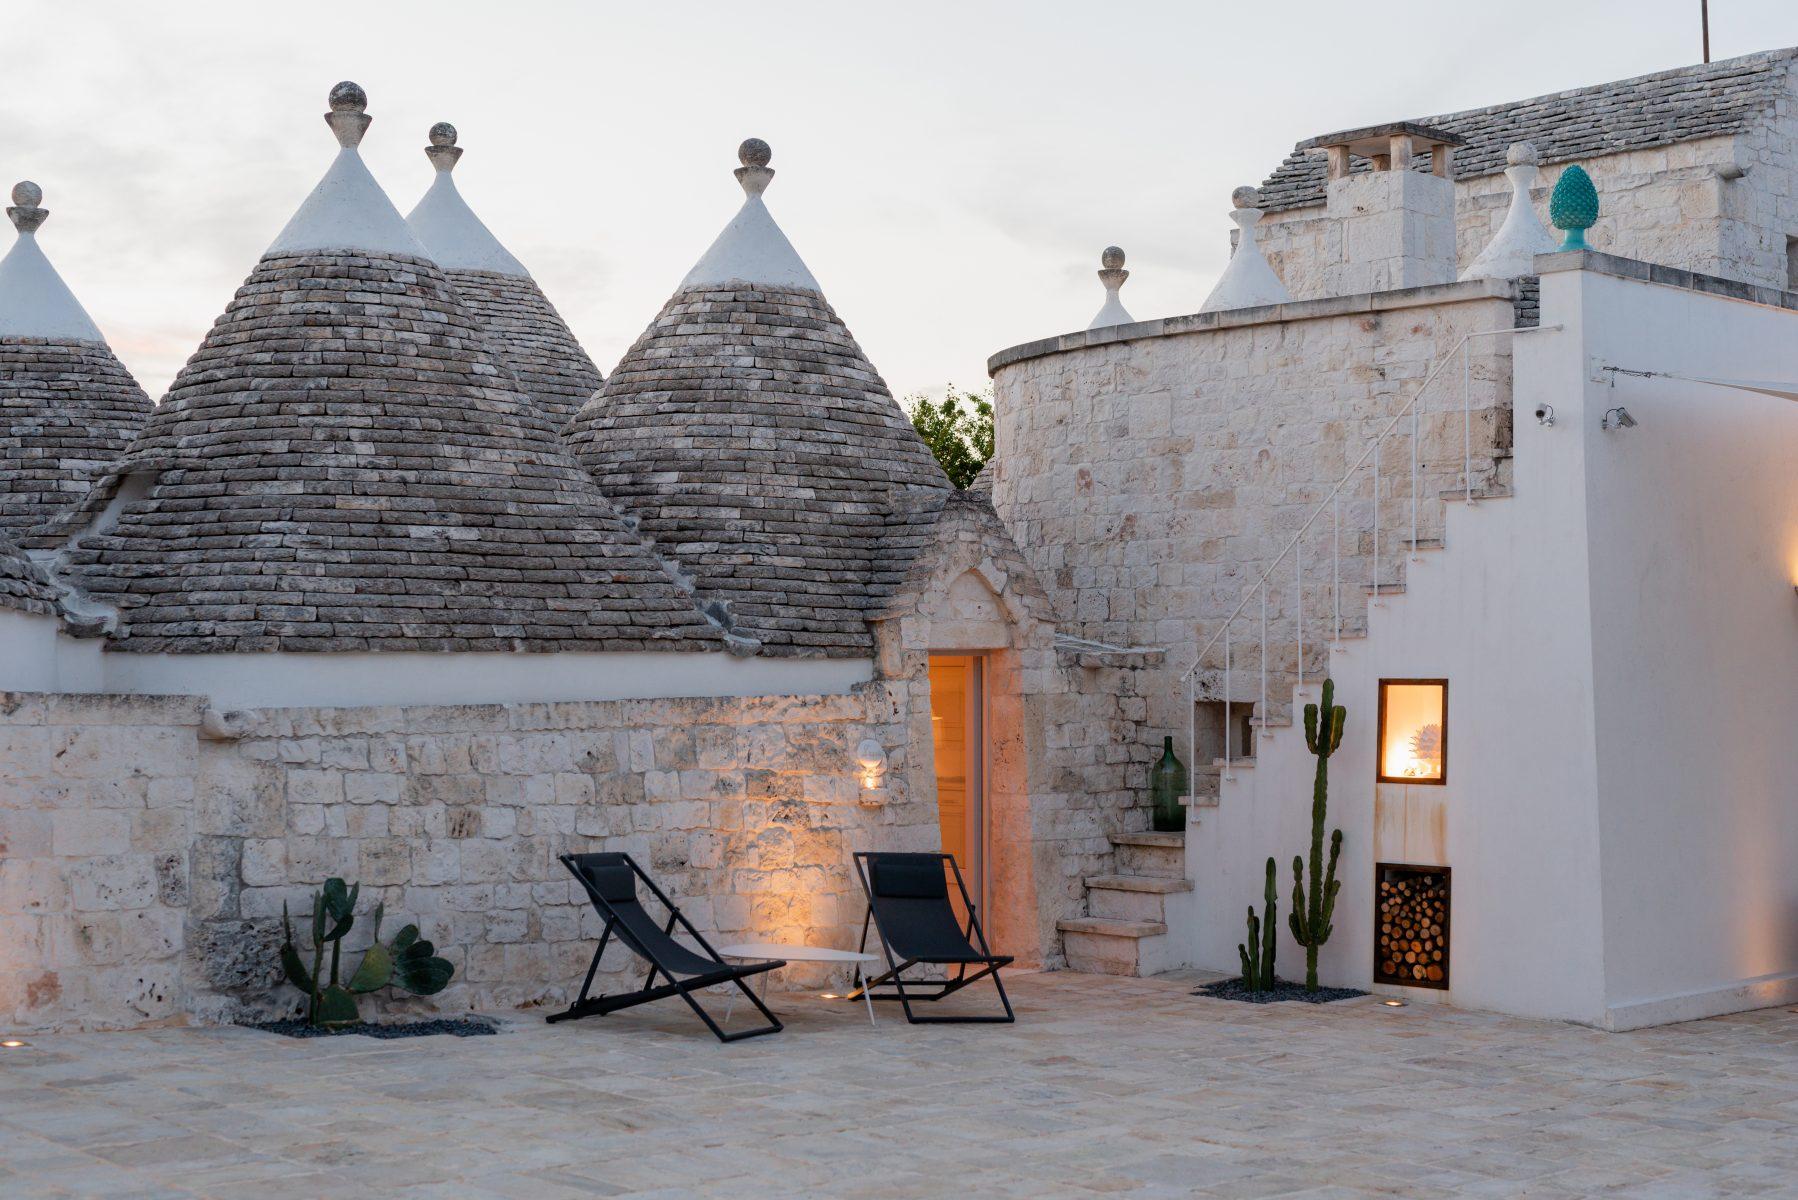 image 12 - outdoor - Dimora dei Gelsi Alberobello Puglia